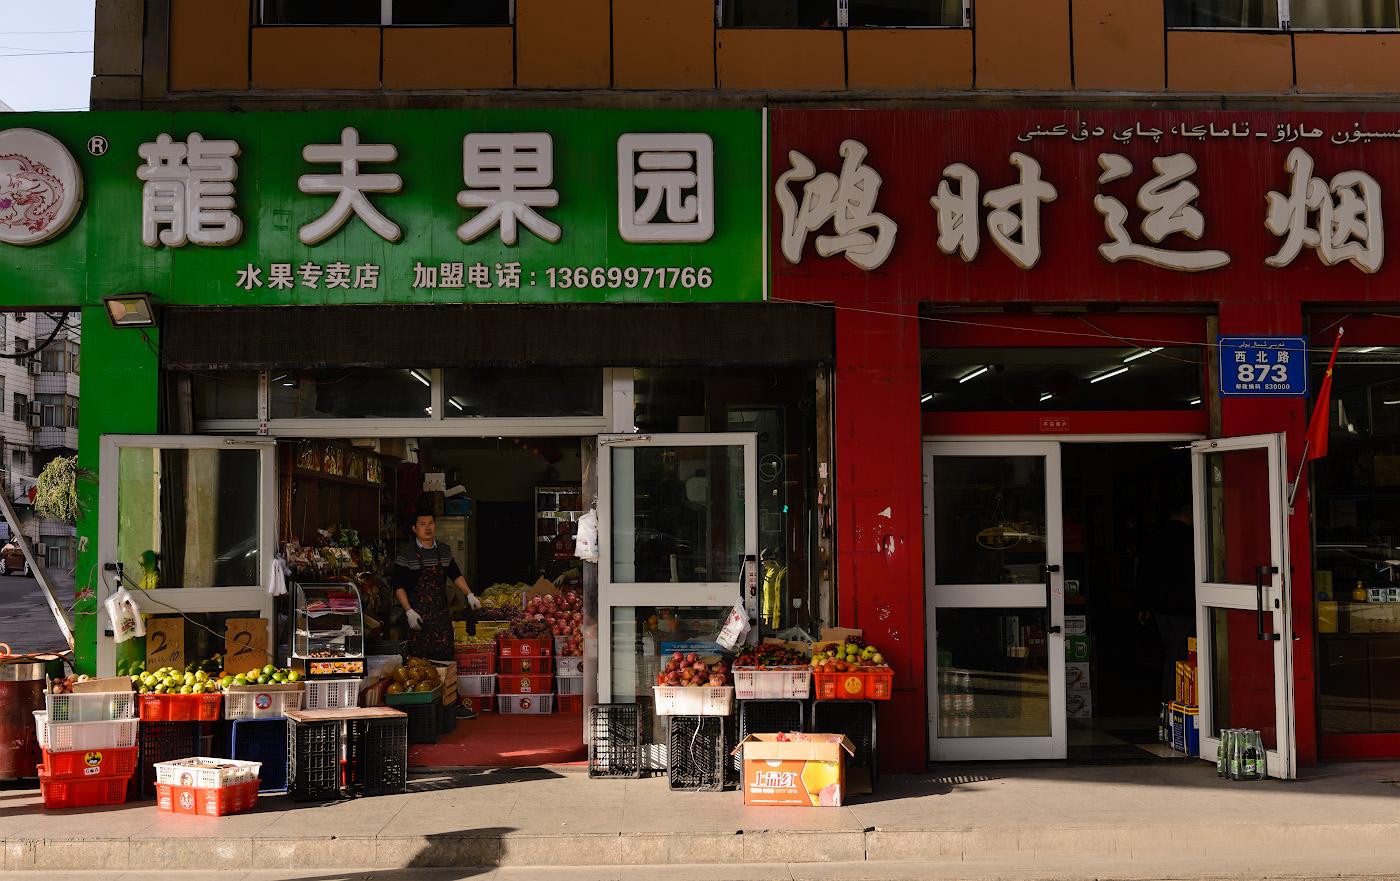 Фото 21. Фруктовый магазин в Урумчи. Отчет о самостоятельной поездке по Китаю. 1/125, -1.33, 9.0, 100, 38.